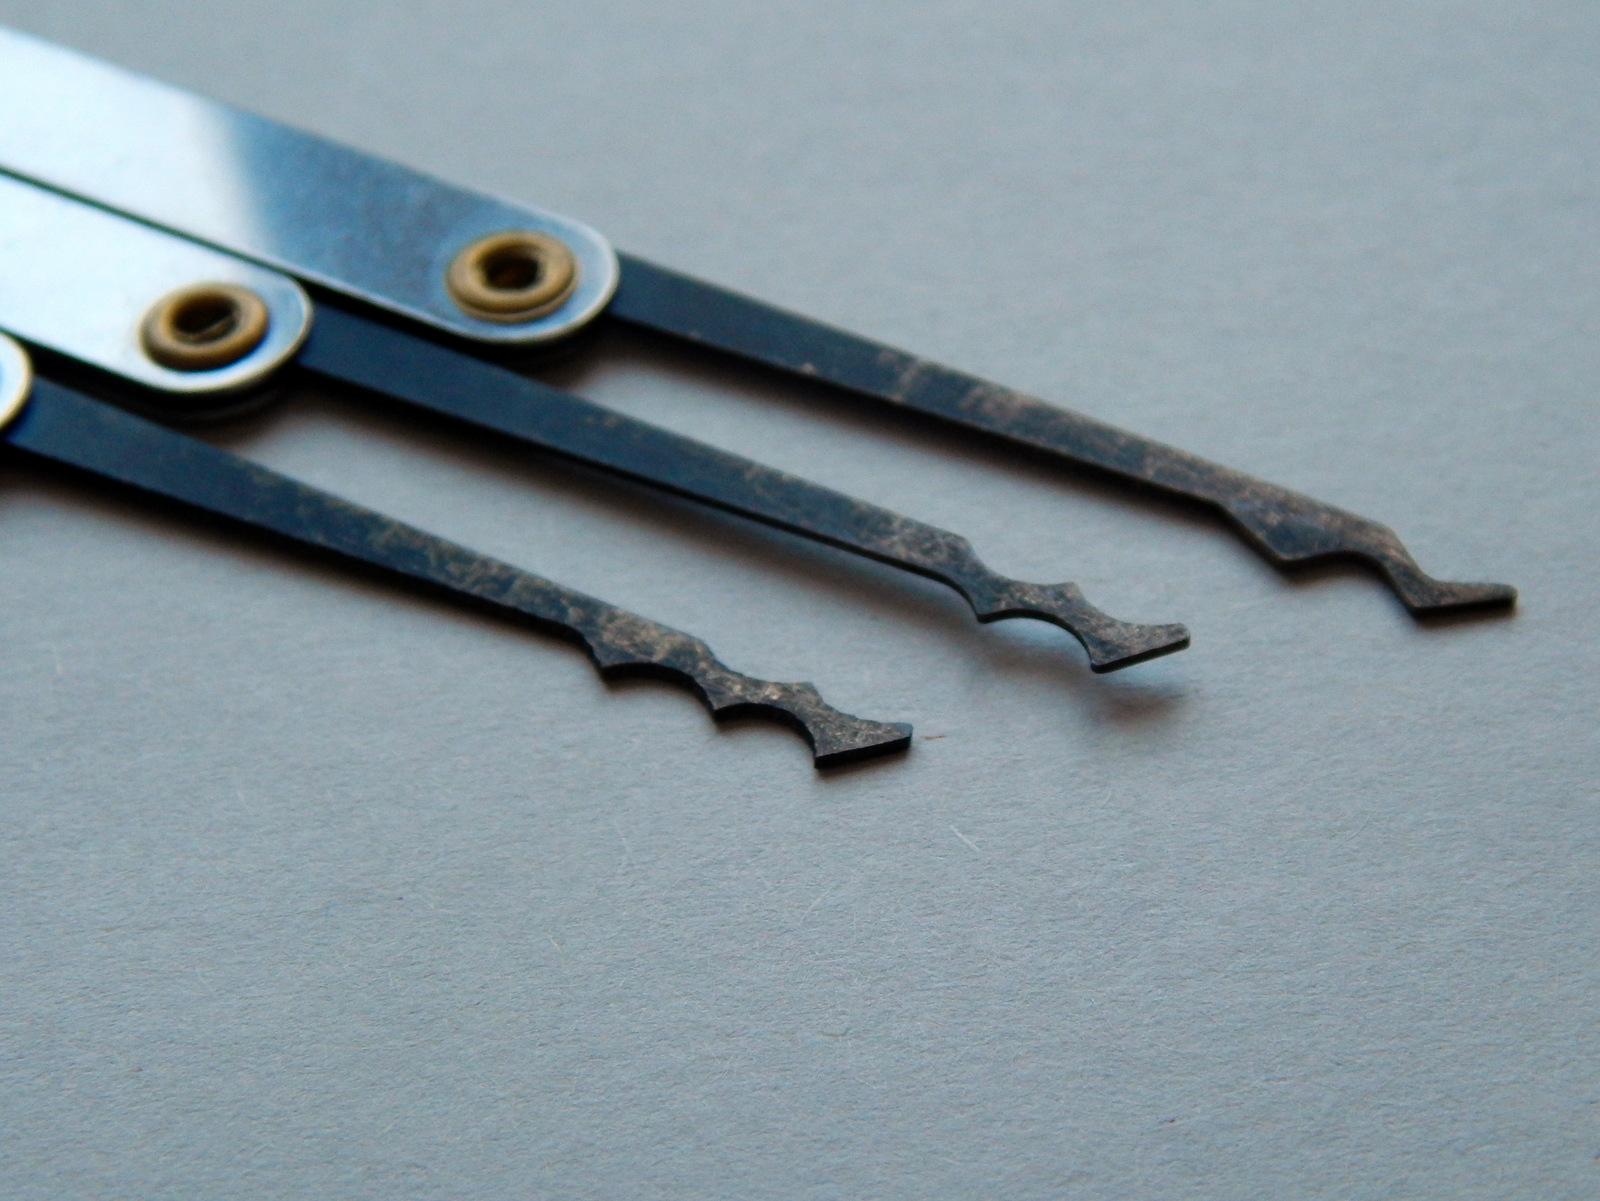 ► Diese Lockpicking Werkzeuge funktionieren am besten, wenn du sie aus dem Zylinder hinaus und wieder hinein bewegst